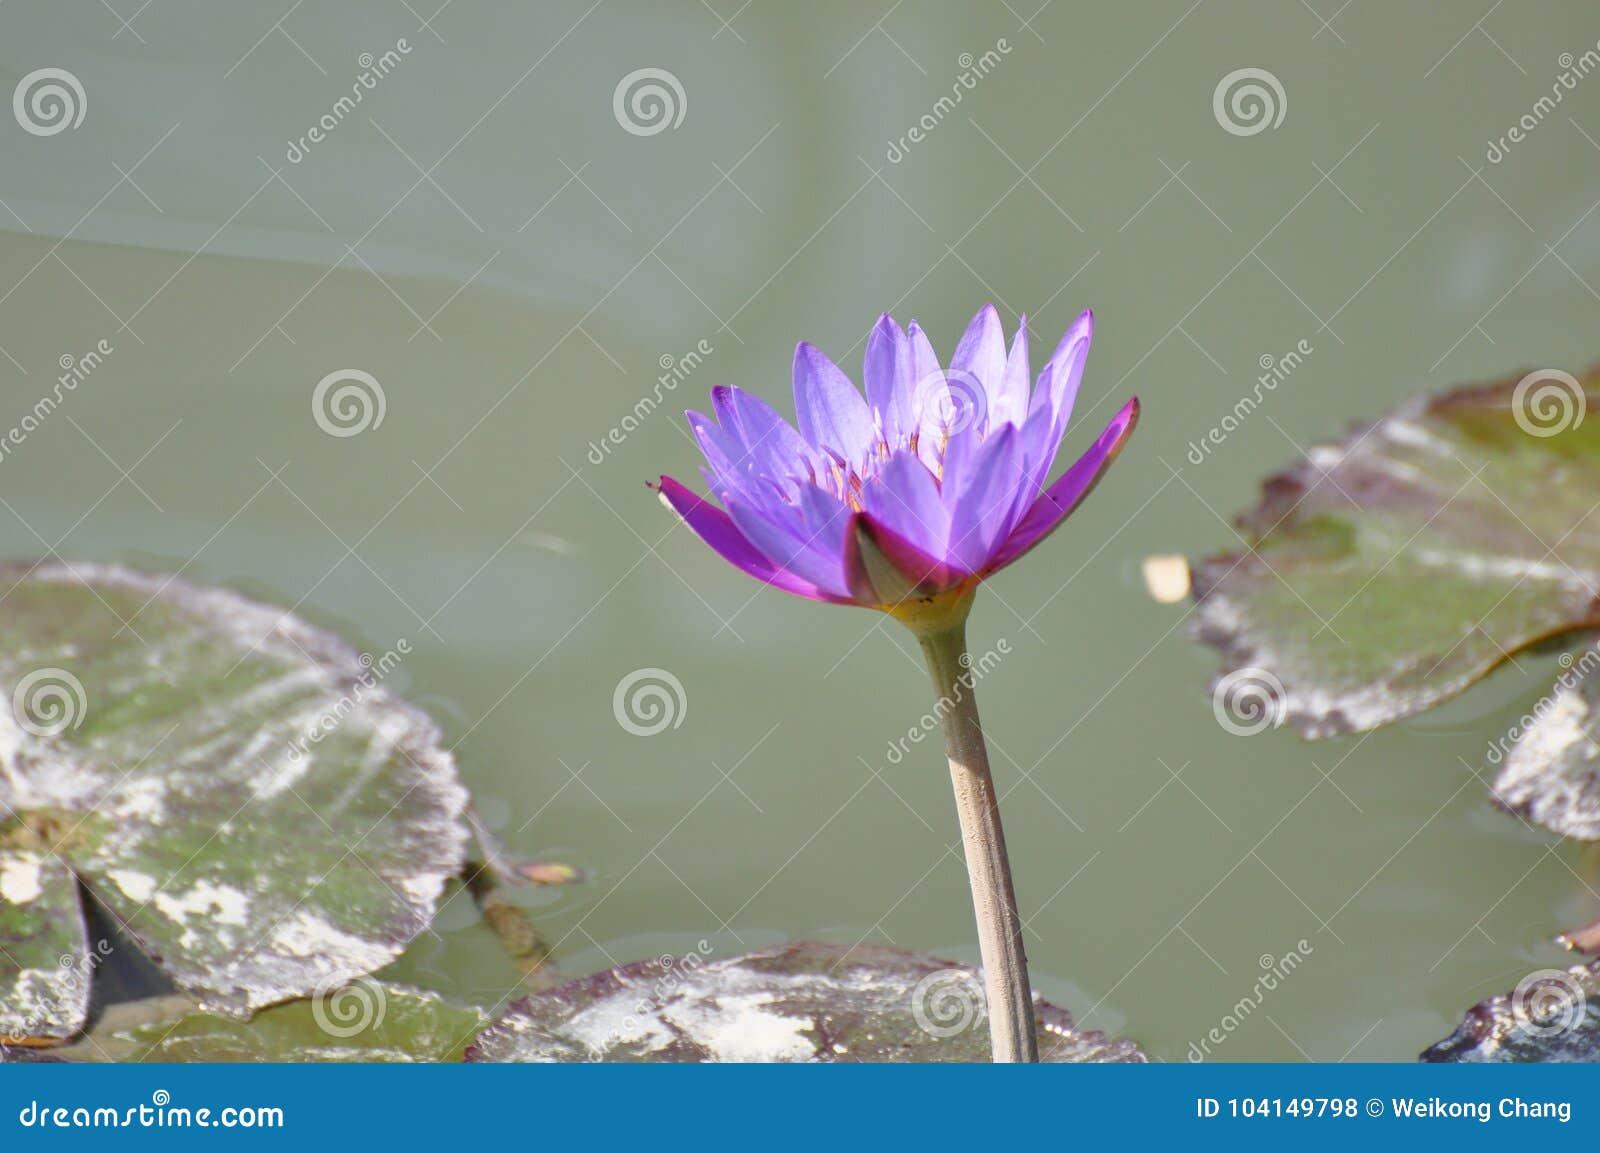 Lotus Flower At Summer Holiday In Hong Kong Stock Photo Image Of